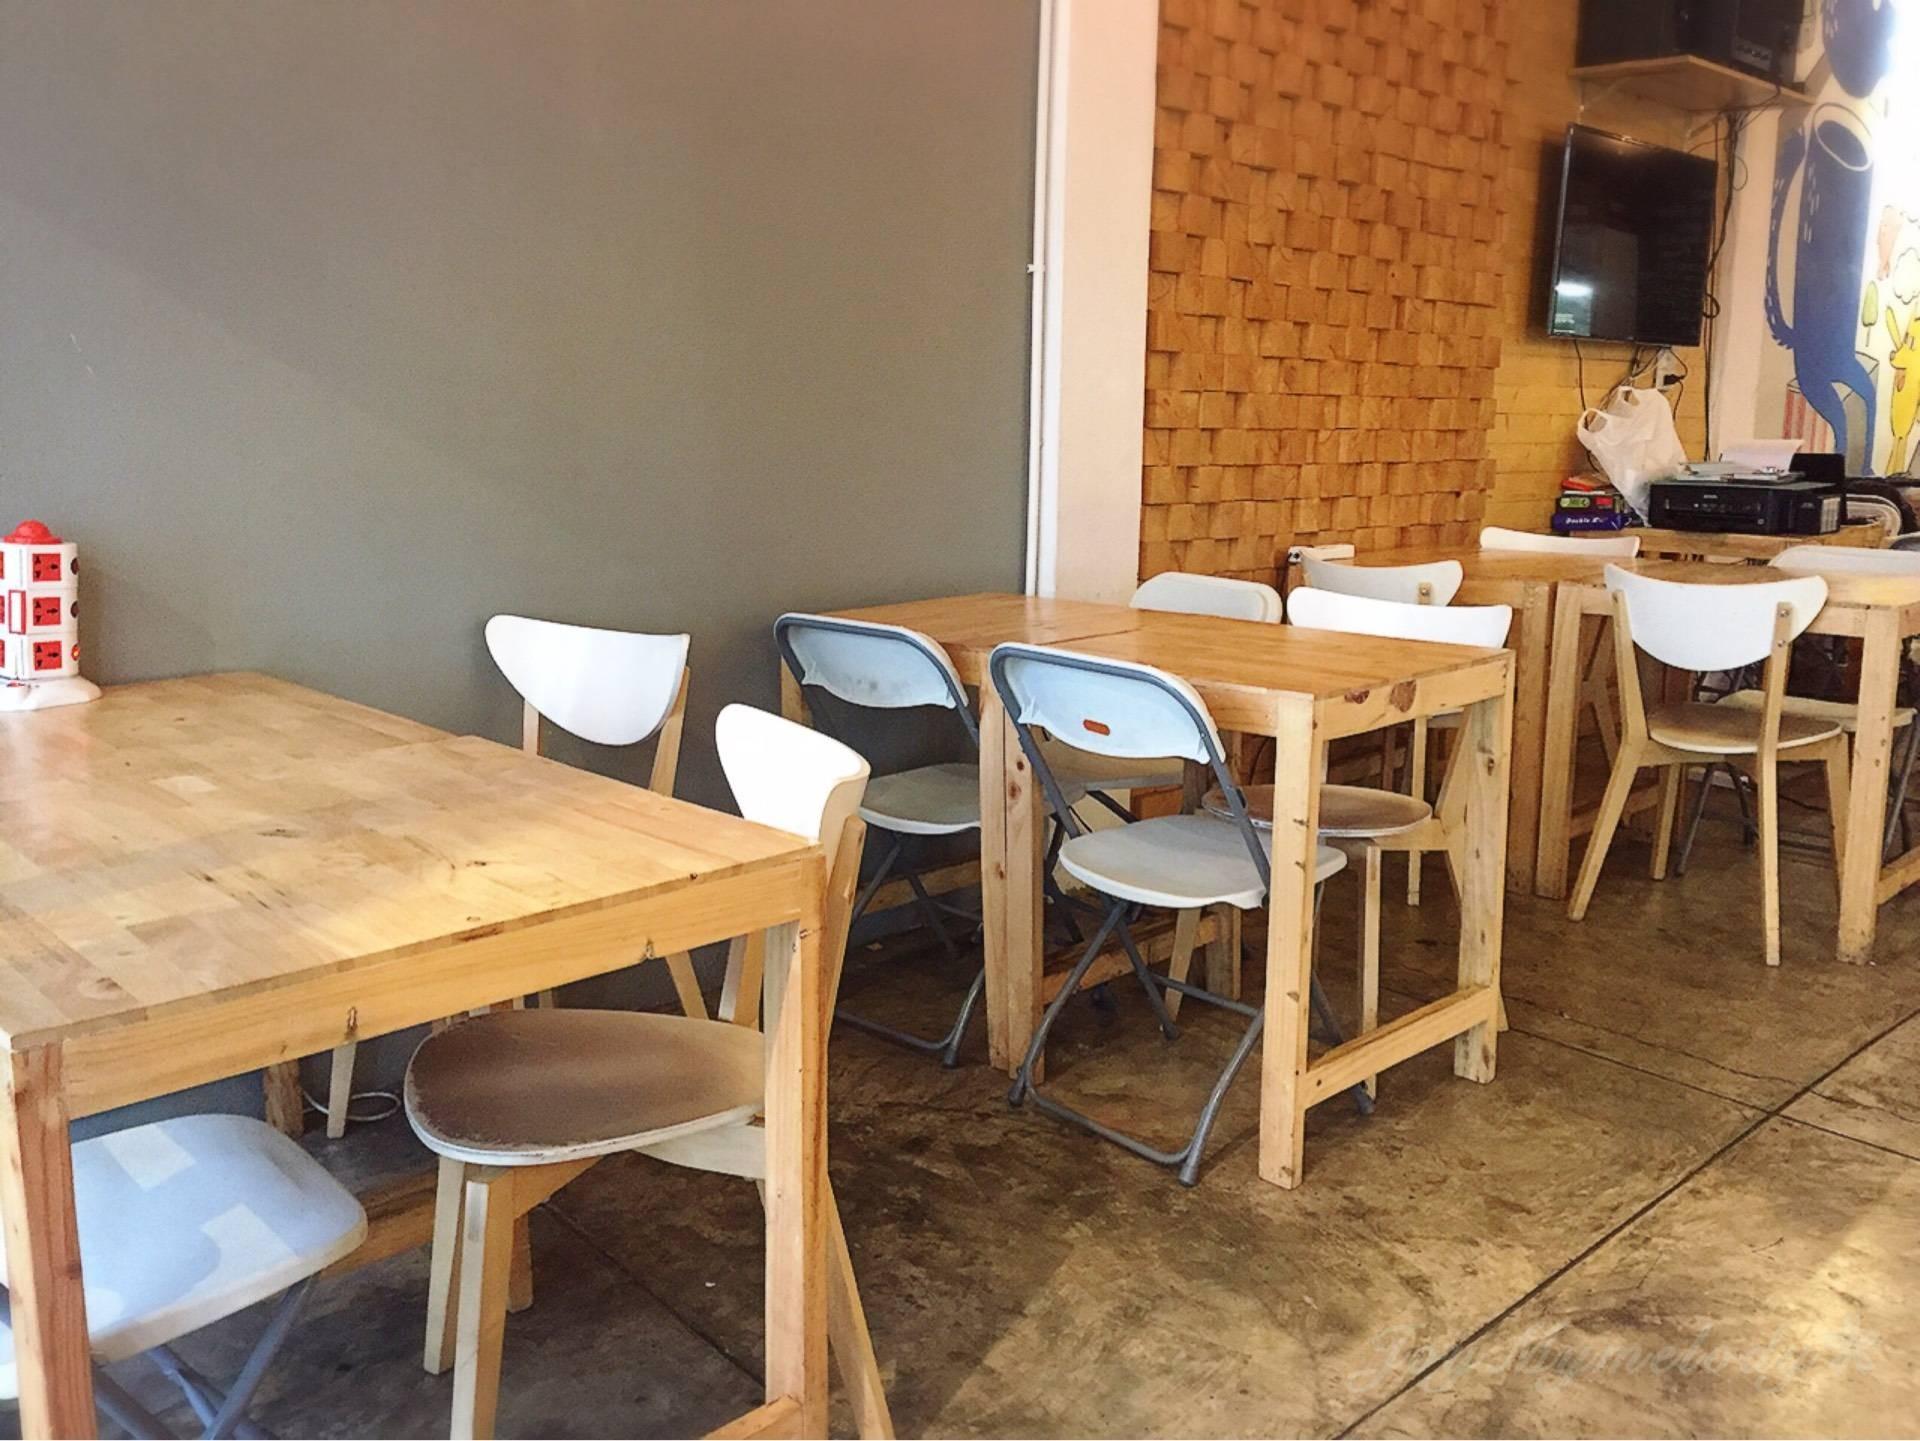 Let's Say Cafe : 24 Hours ราชวิถี 3